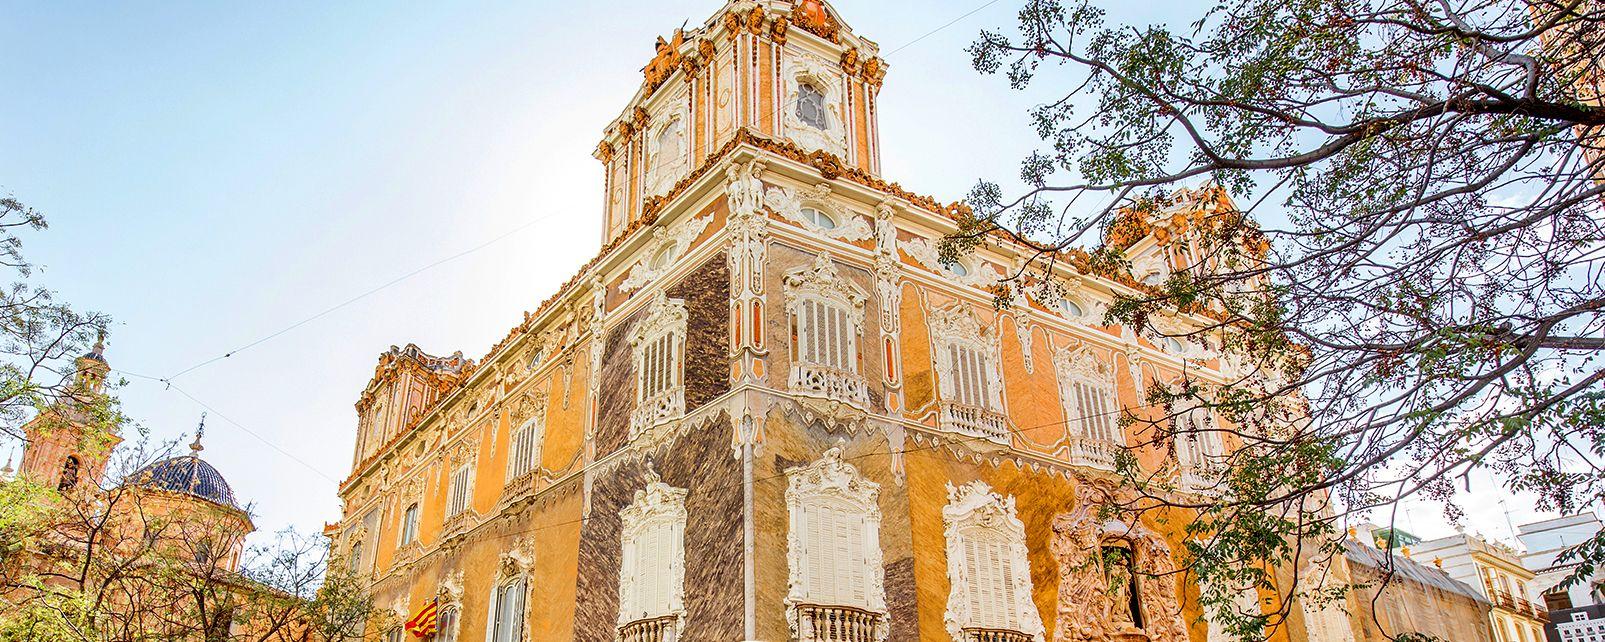 Le Musée National de la Céramique, Les arts et la culture, Communauté de Valence